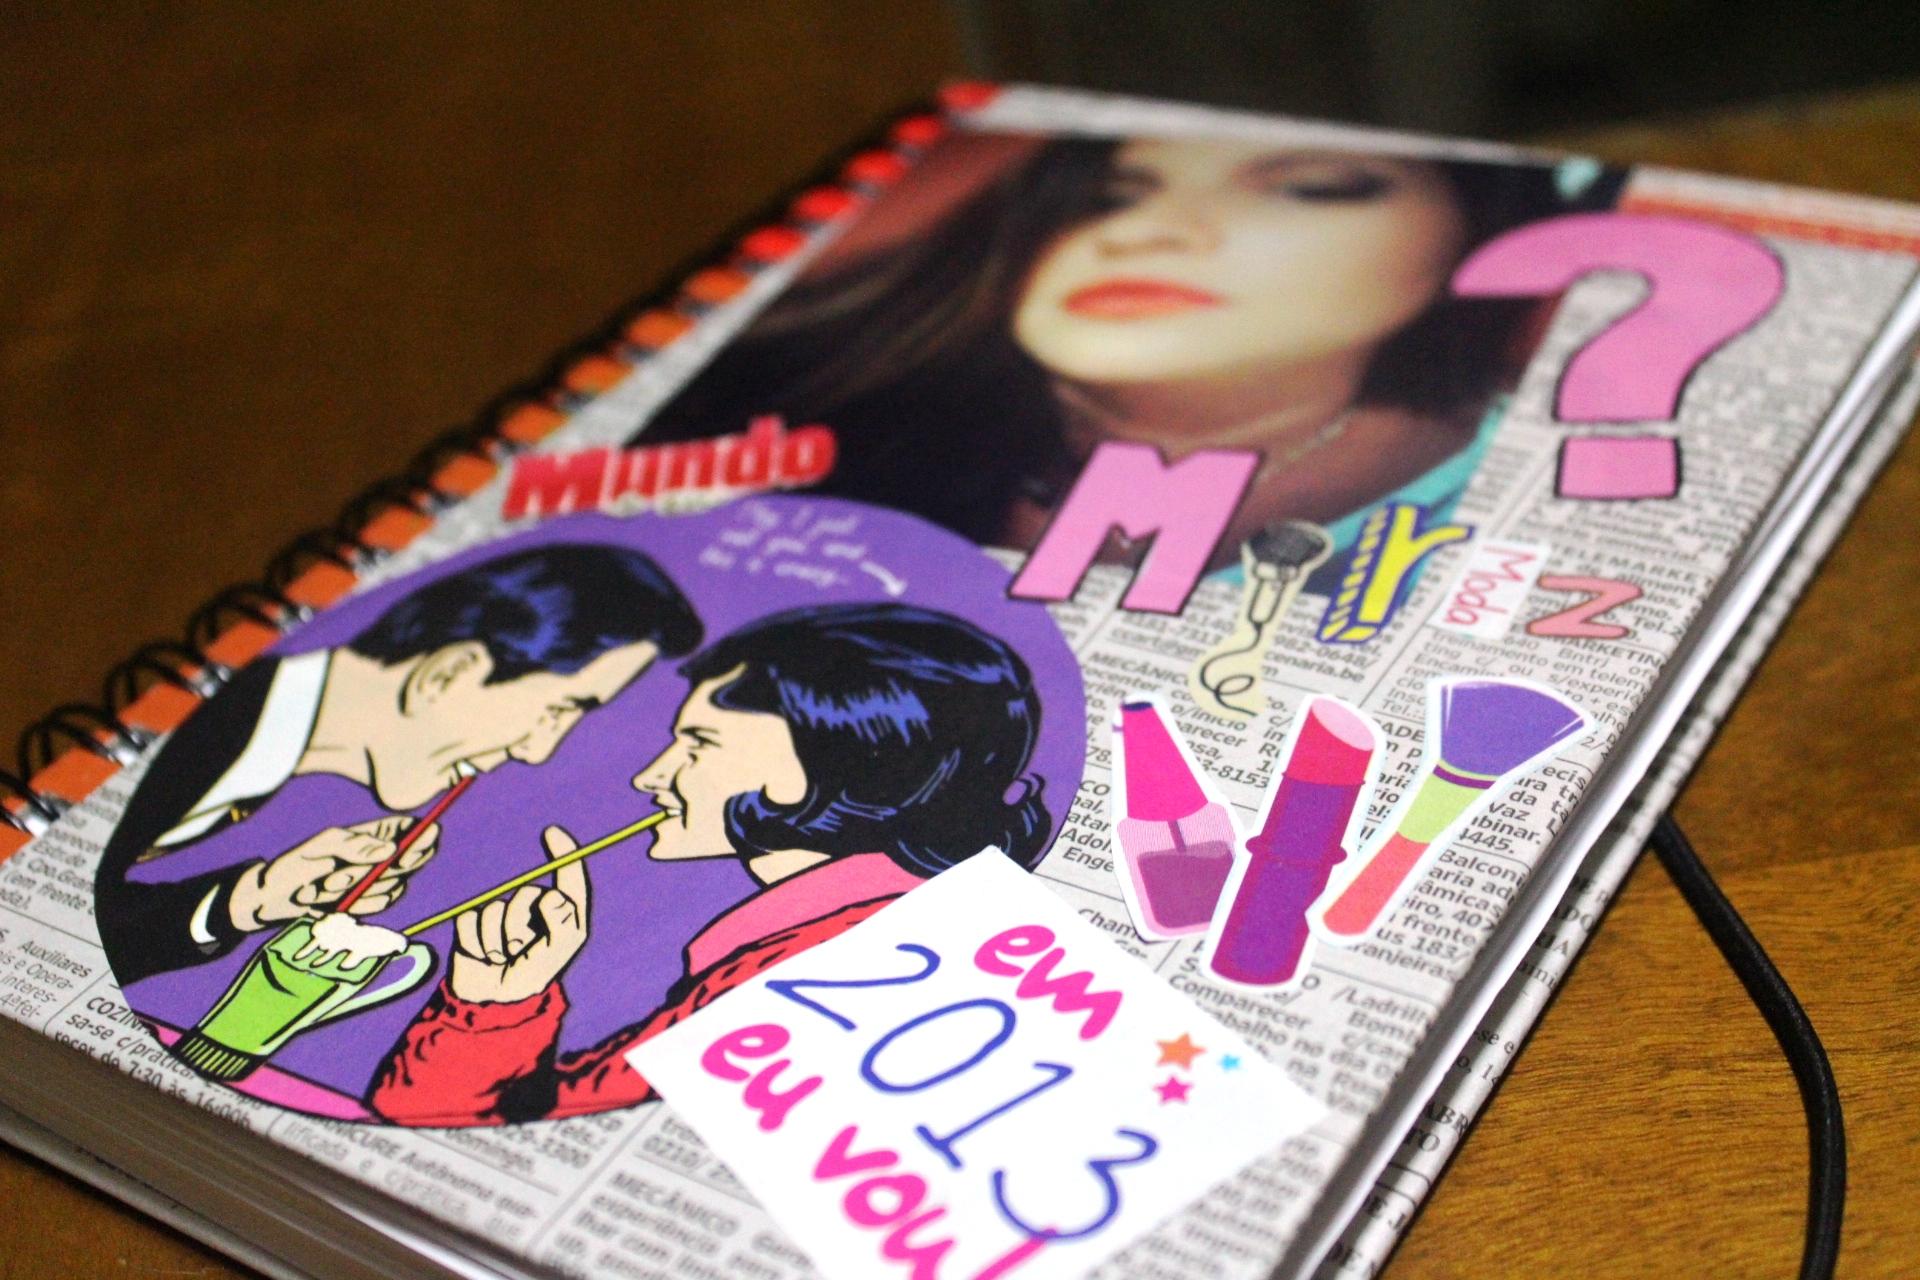 Como customizar cadernos de forma criativa 12